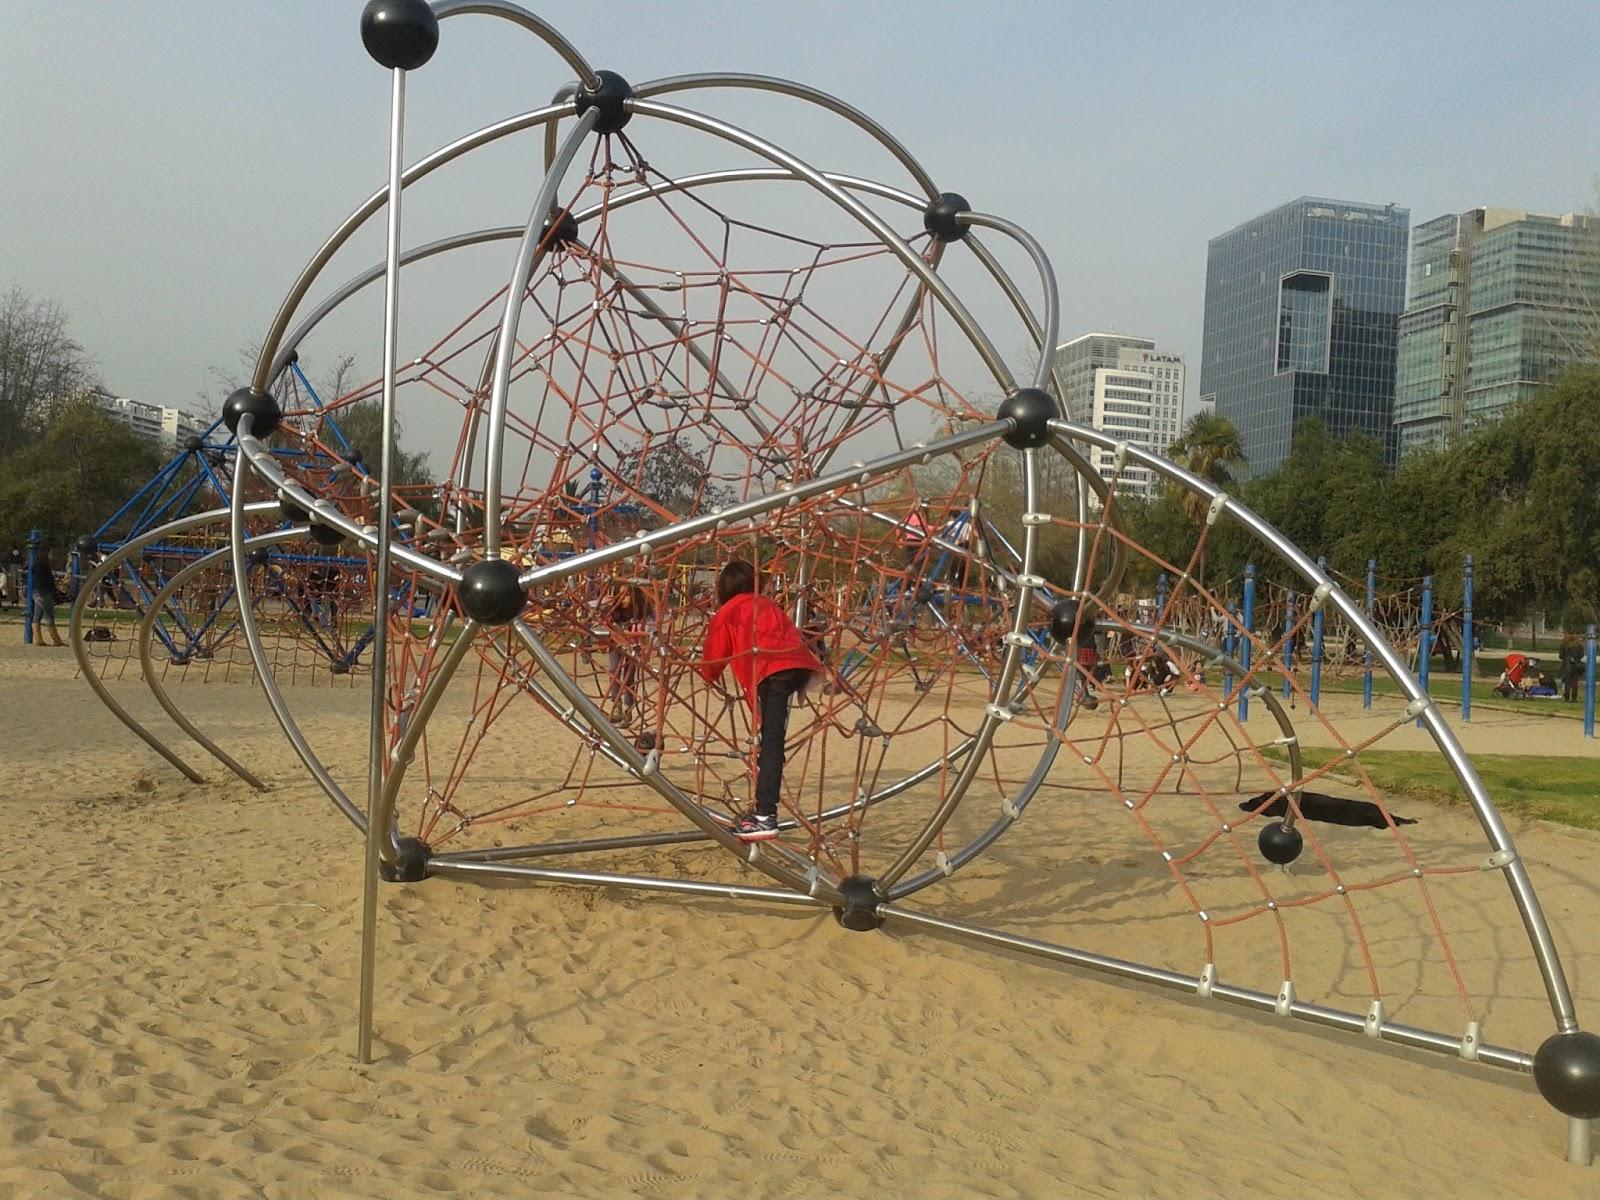 Crianças Se Divertindo No Parque: Chile Com Os Pequenos